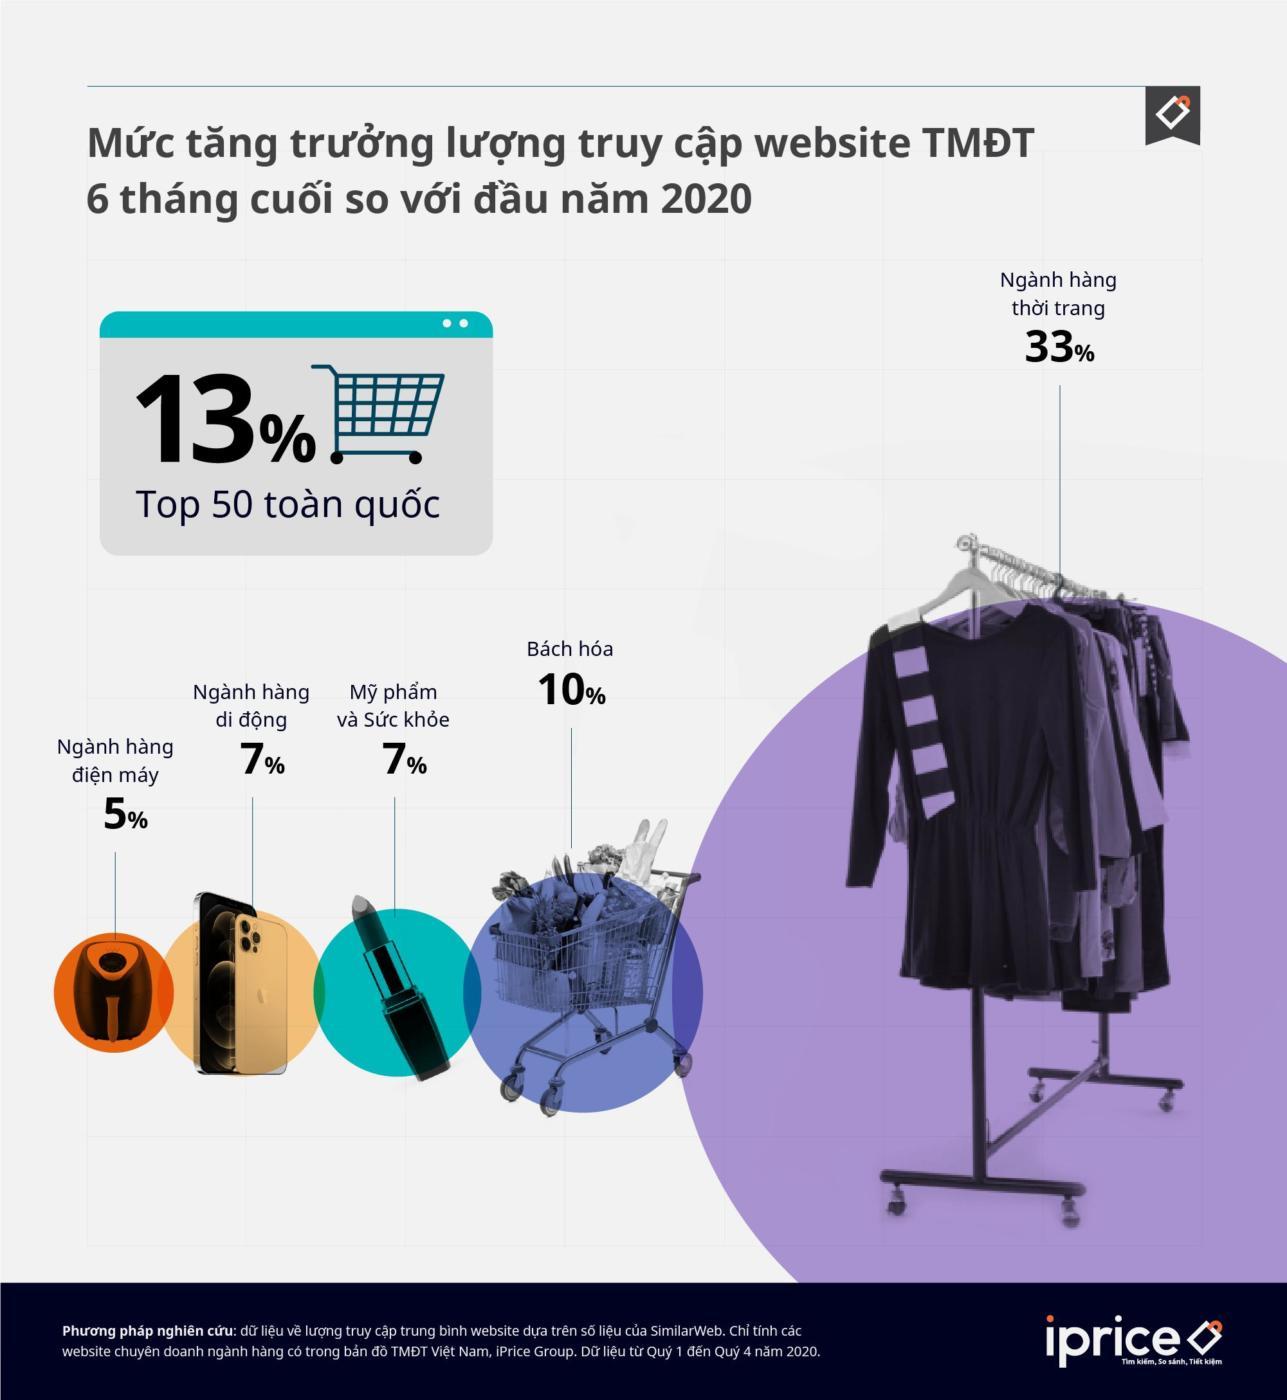 Q4/2020 ngành hàng thời trang phát triển mạnh bất chấp COVID-19